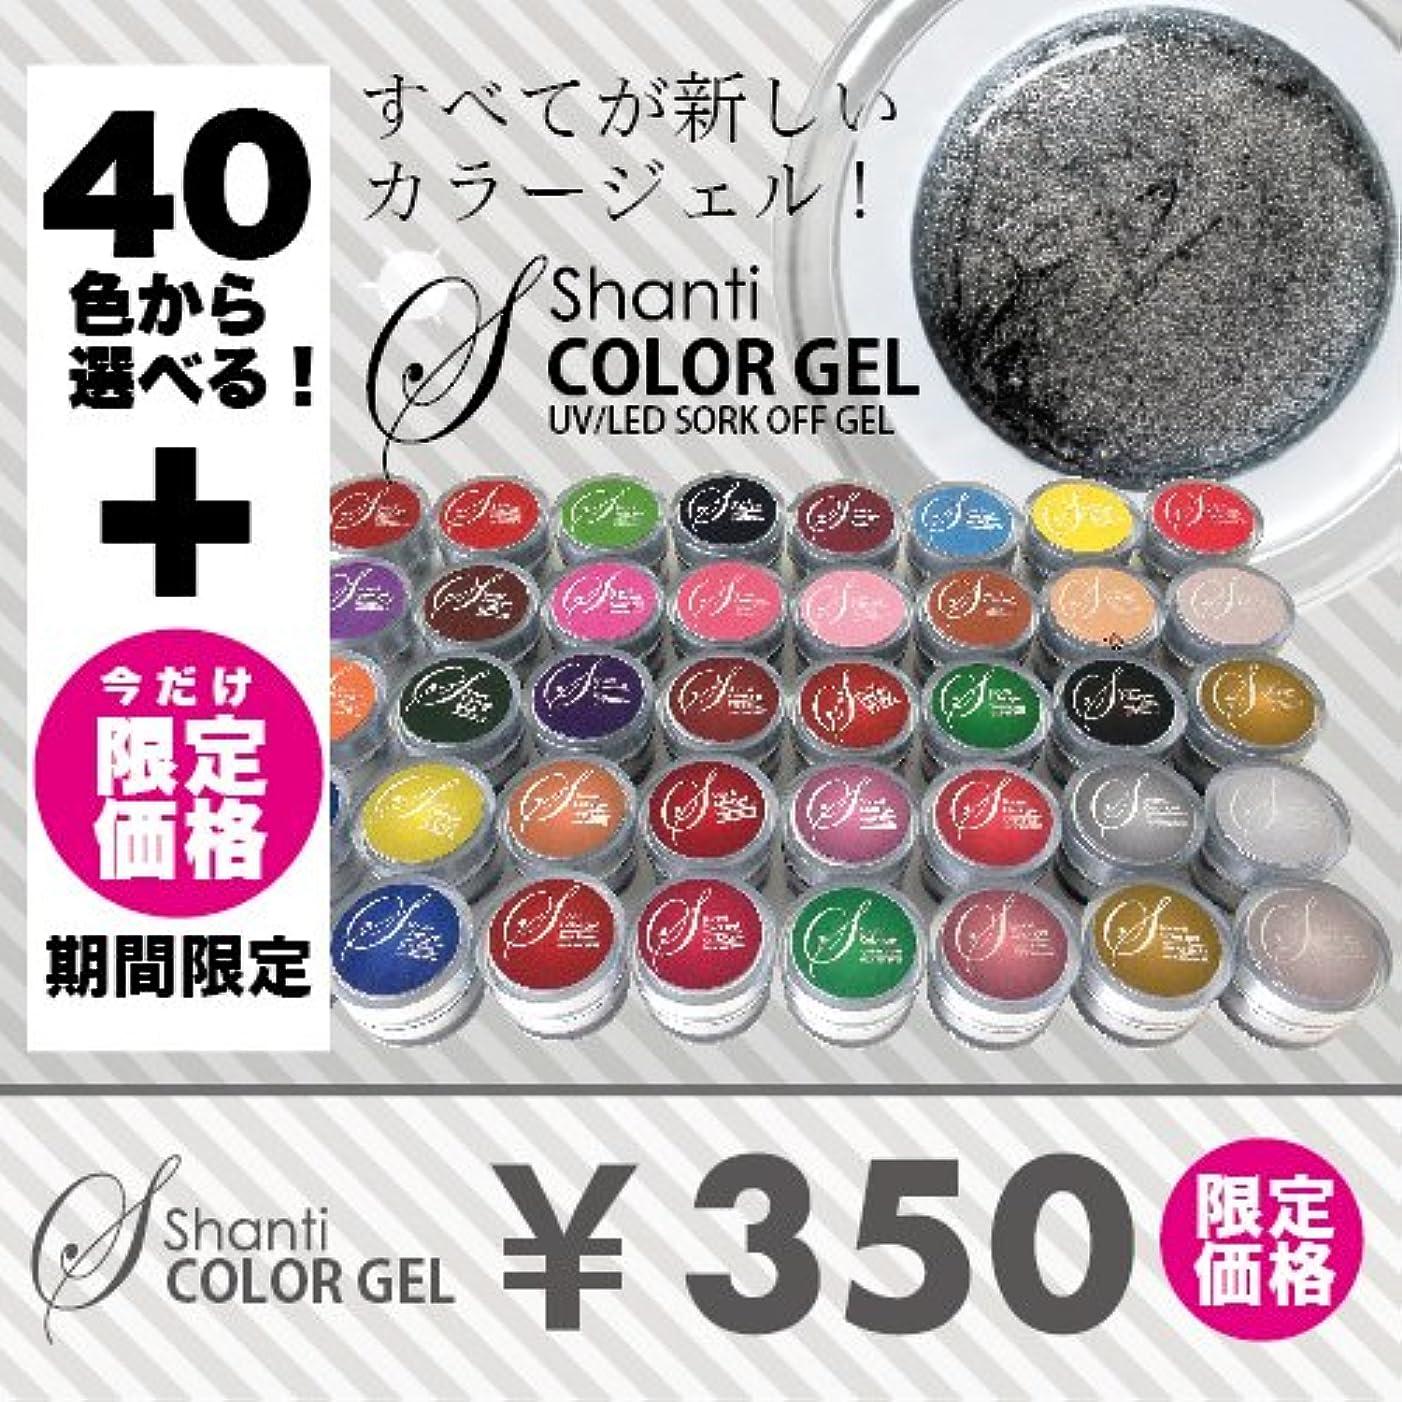 ボット肘掛け椅子かもしれない【LED/UV両対応ジェル】SHANTI GEL(シャンティージェル) カラージェル 5g(ソフトカラージェル) 529:パールブルー